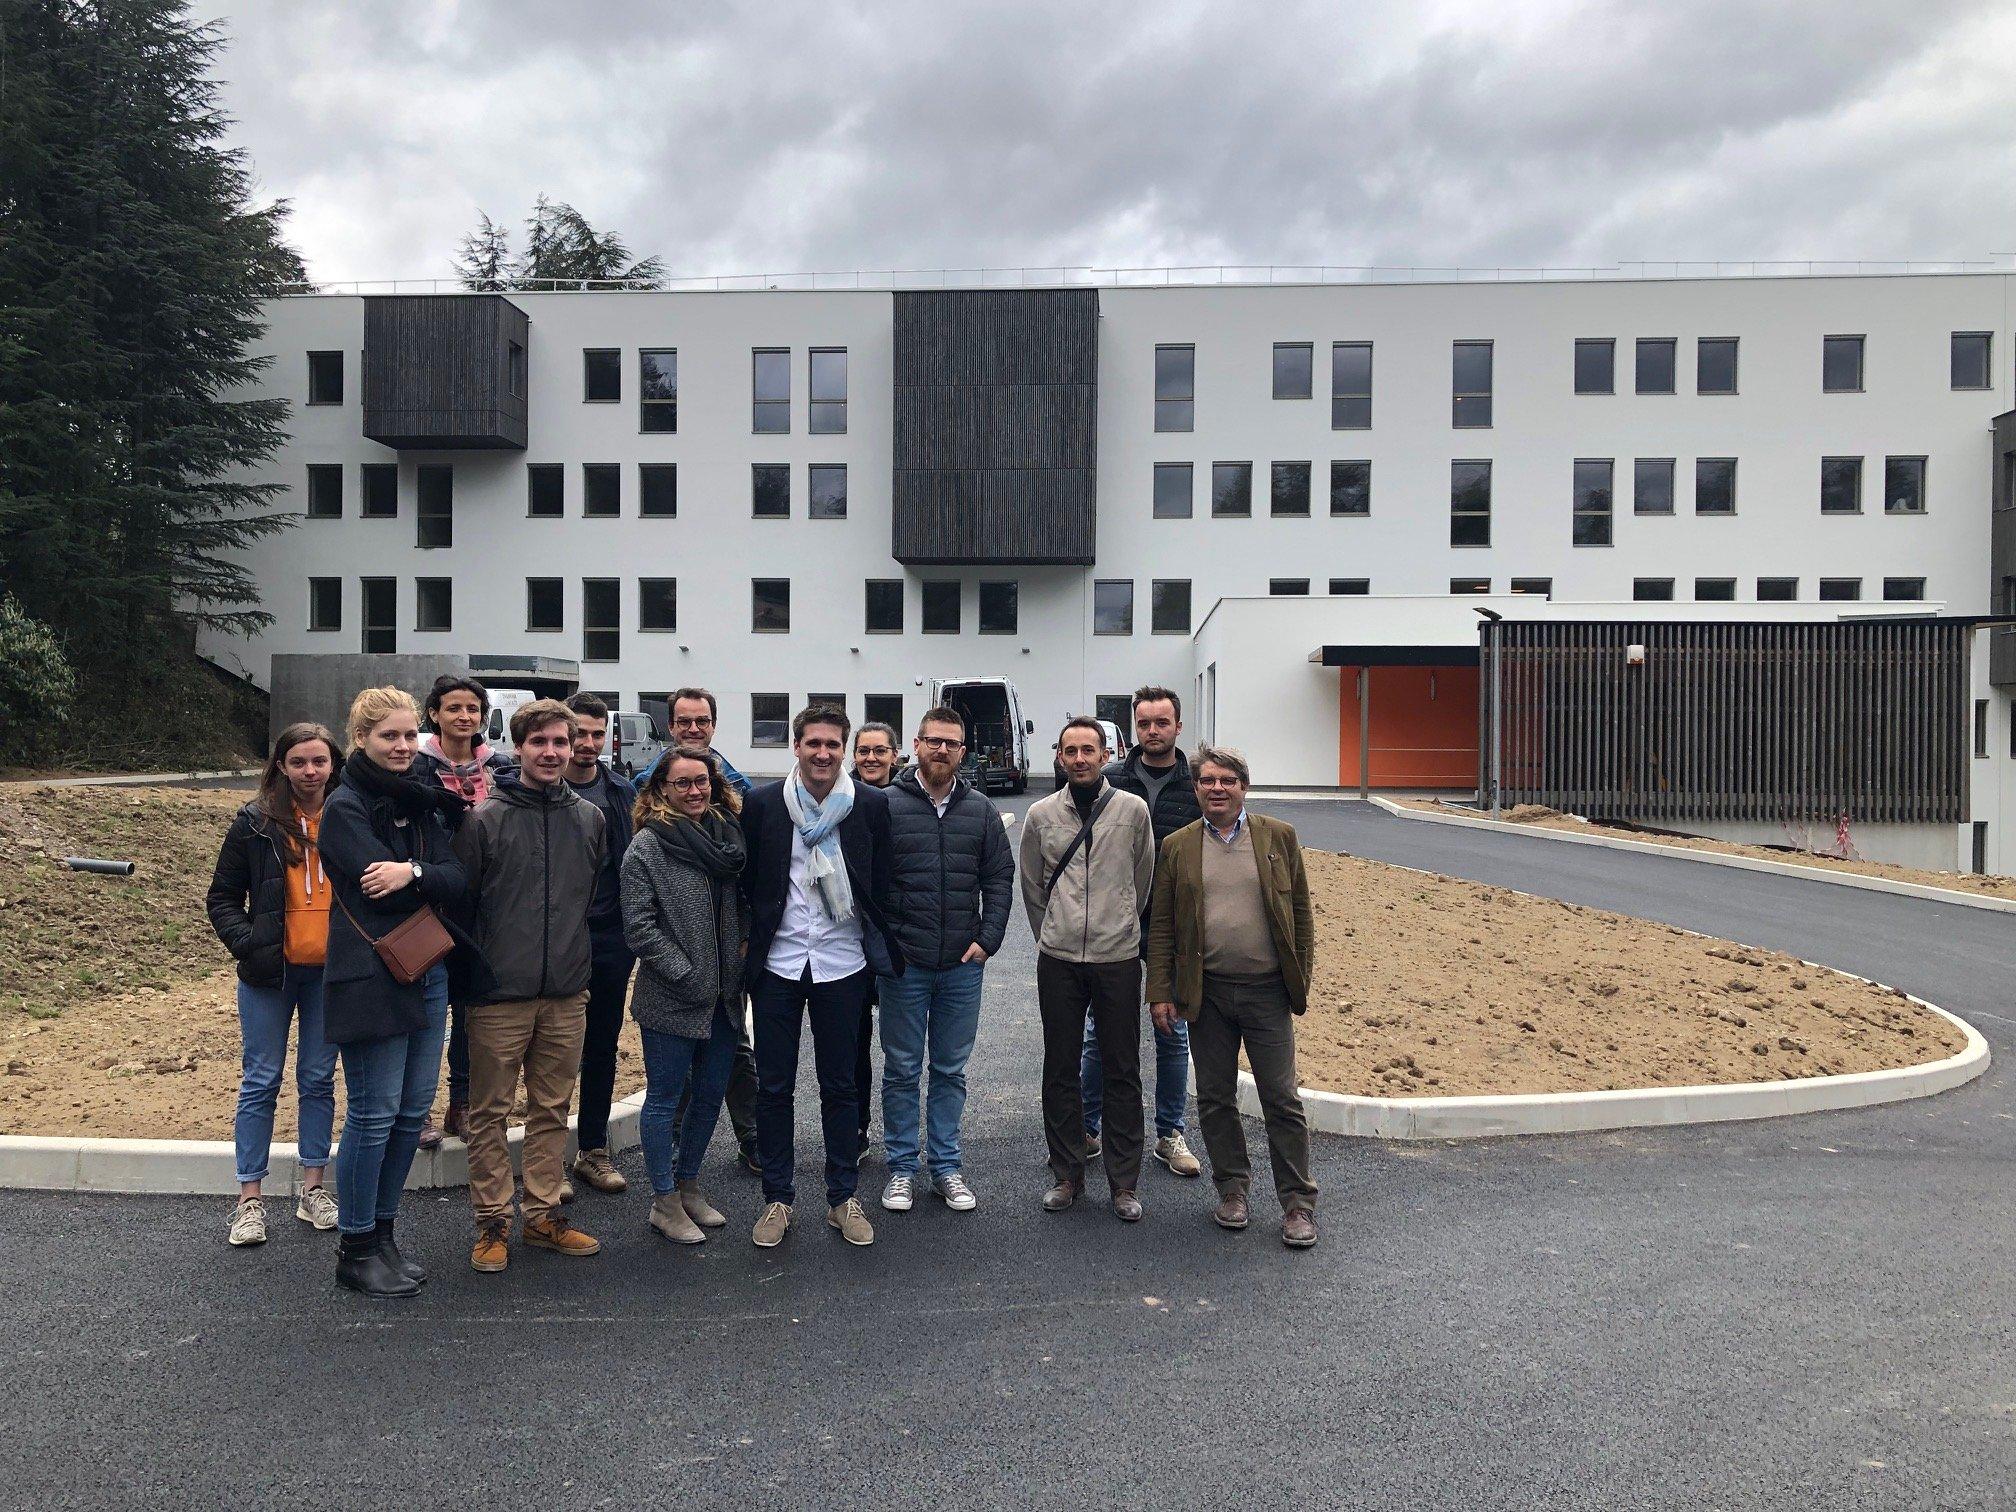 Visite de chantier avec une partie de l'agence sur notre rénovation énergétique Passivhaus du batiment 22 Rue paul petit